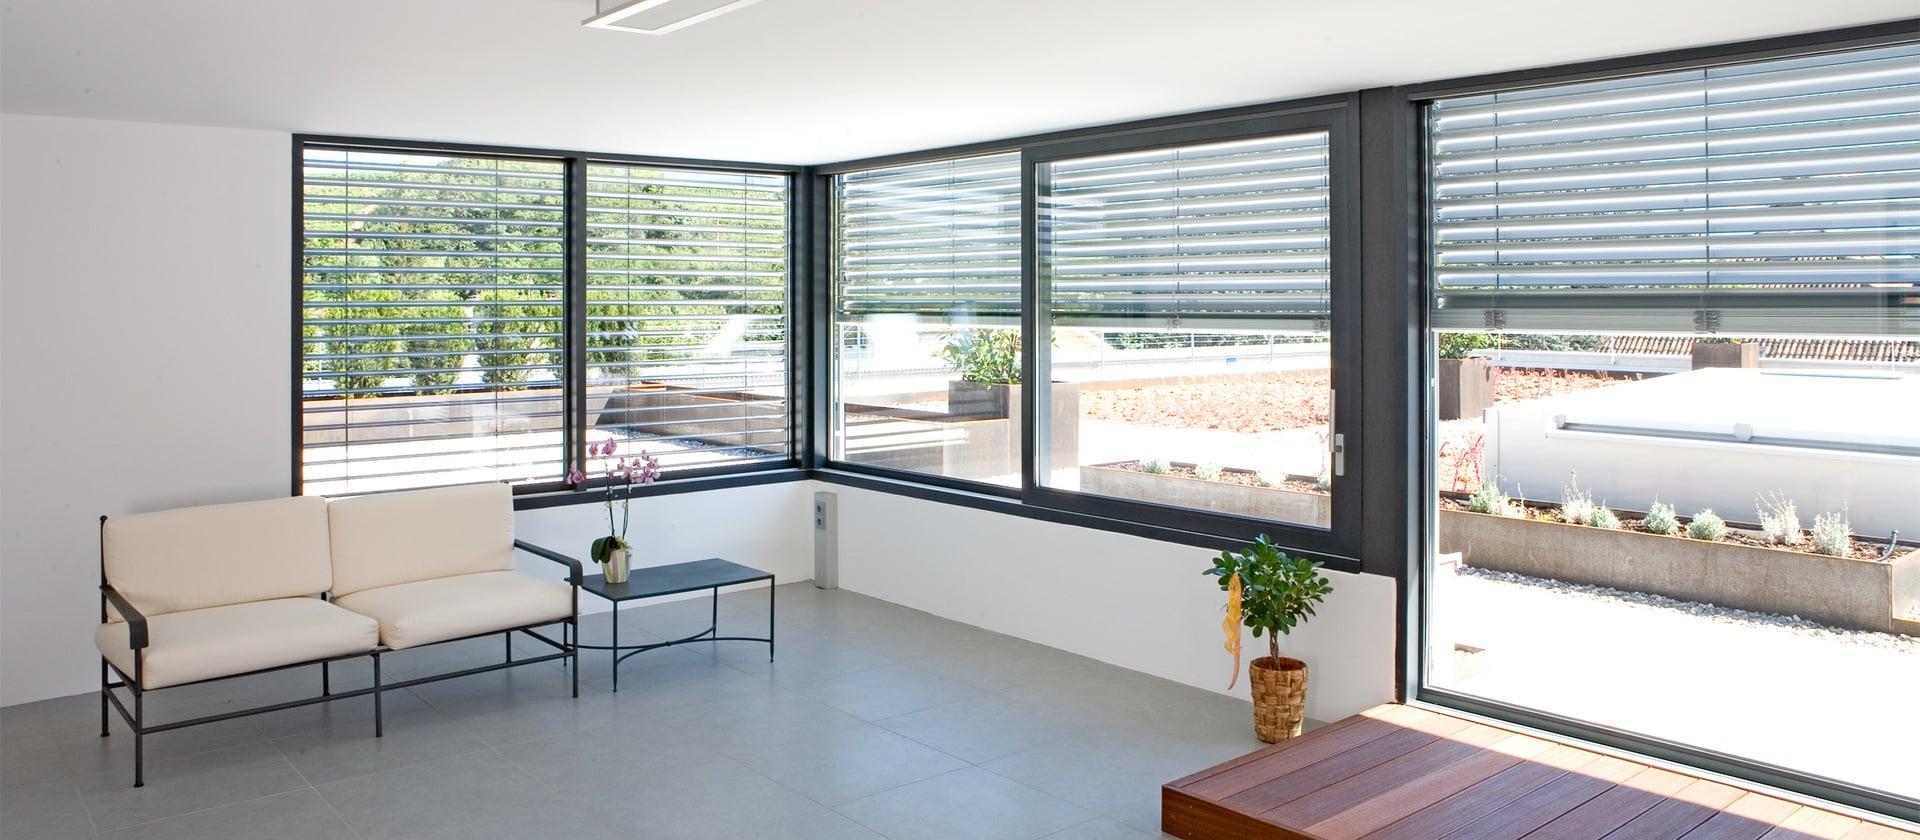 Wohnraum mit Blick nach draußen durch leicht abgedunkeltes Alu-Fenster